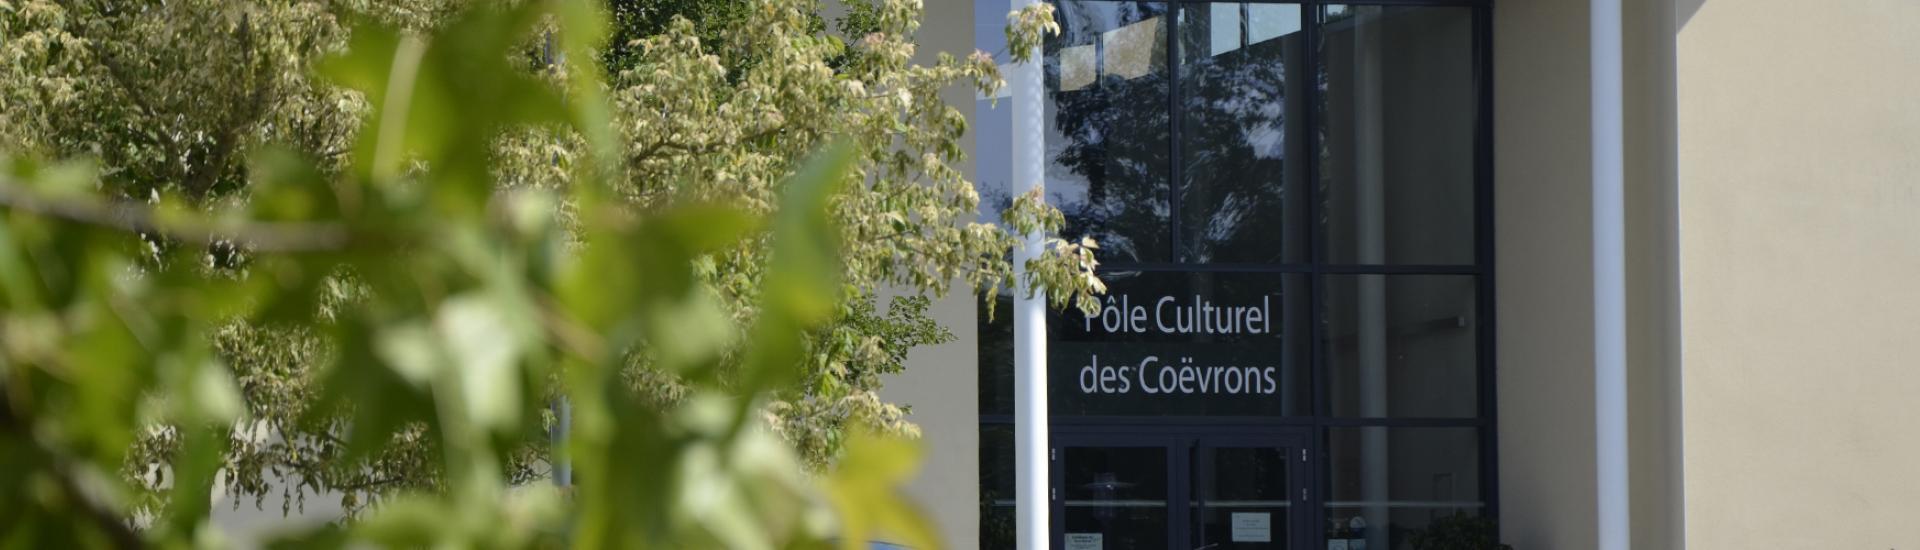 Le pôle Culturel des Coëvrons